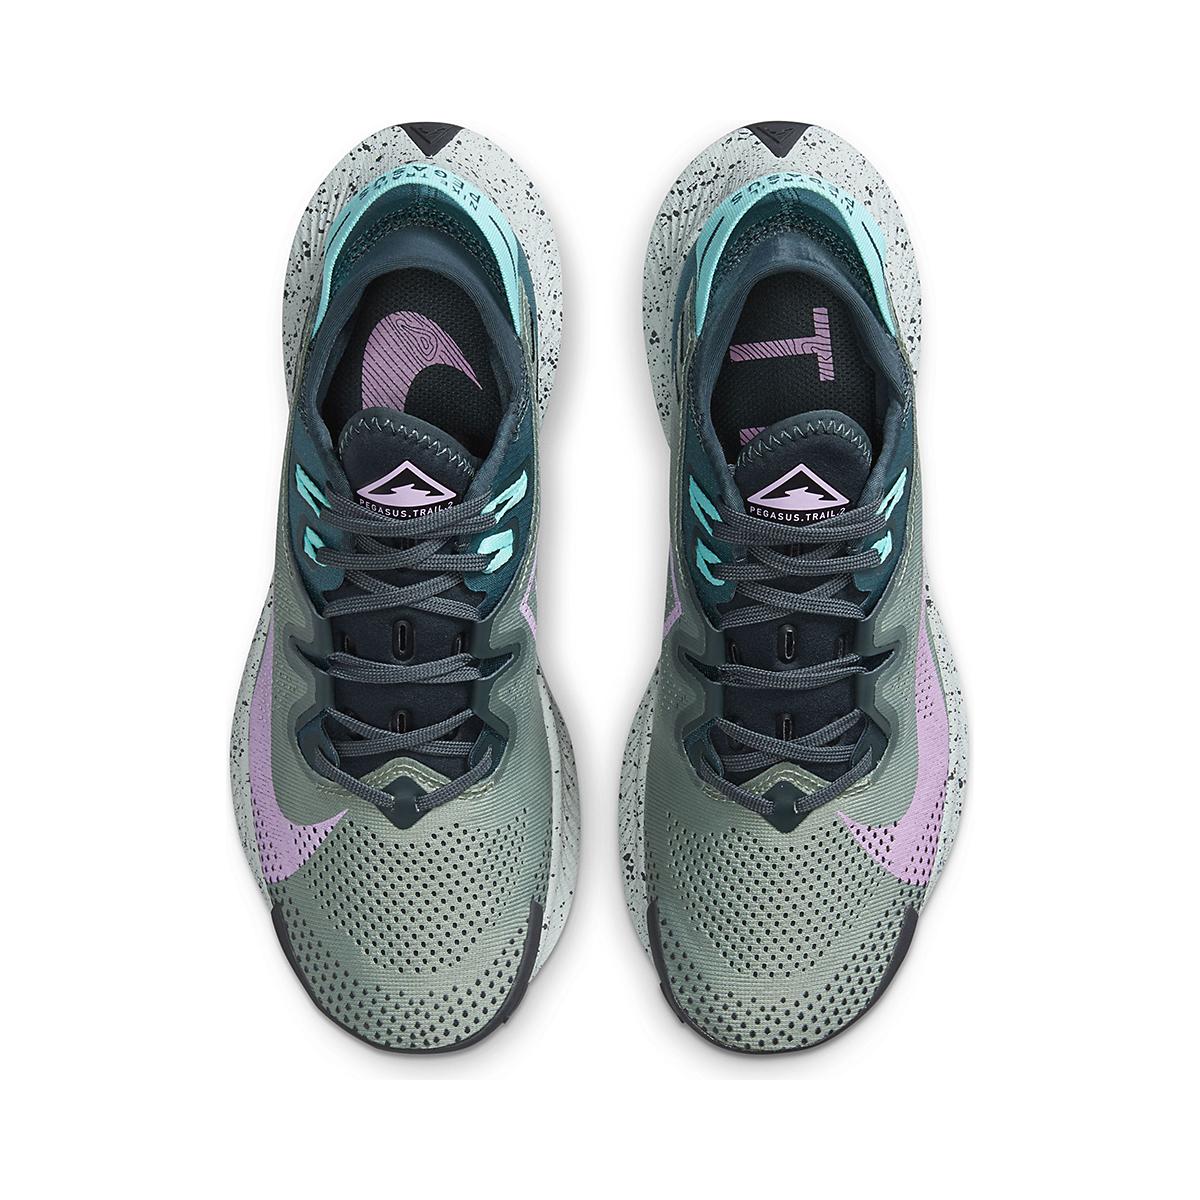 Women's Nike Pegasus Trail 2 Trail Running Shoe - Color: Seaweed/Beyond - Size: 5 - Width: Regular, Seaweed/Beyond, large, image 4